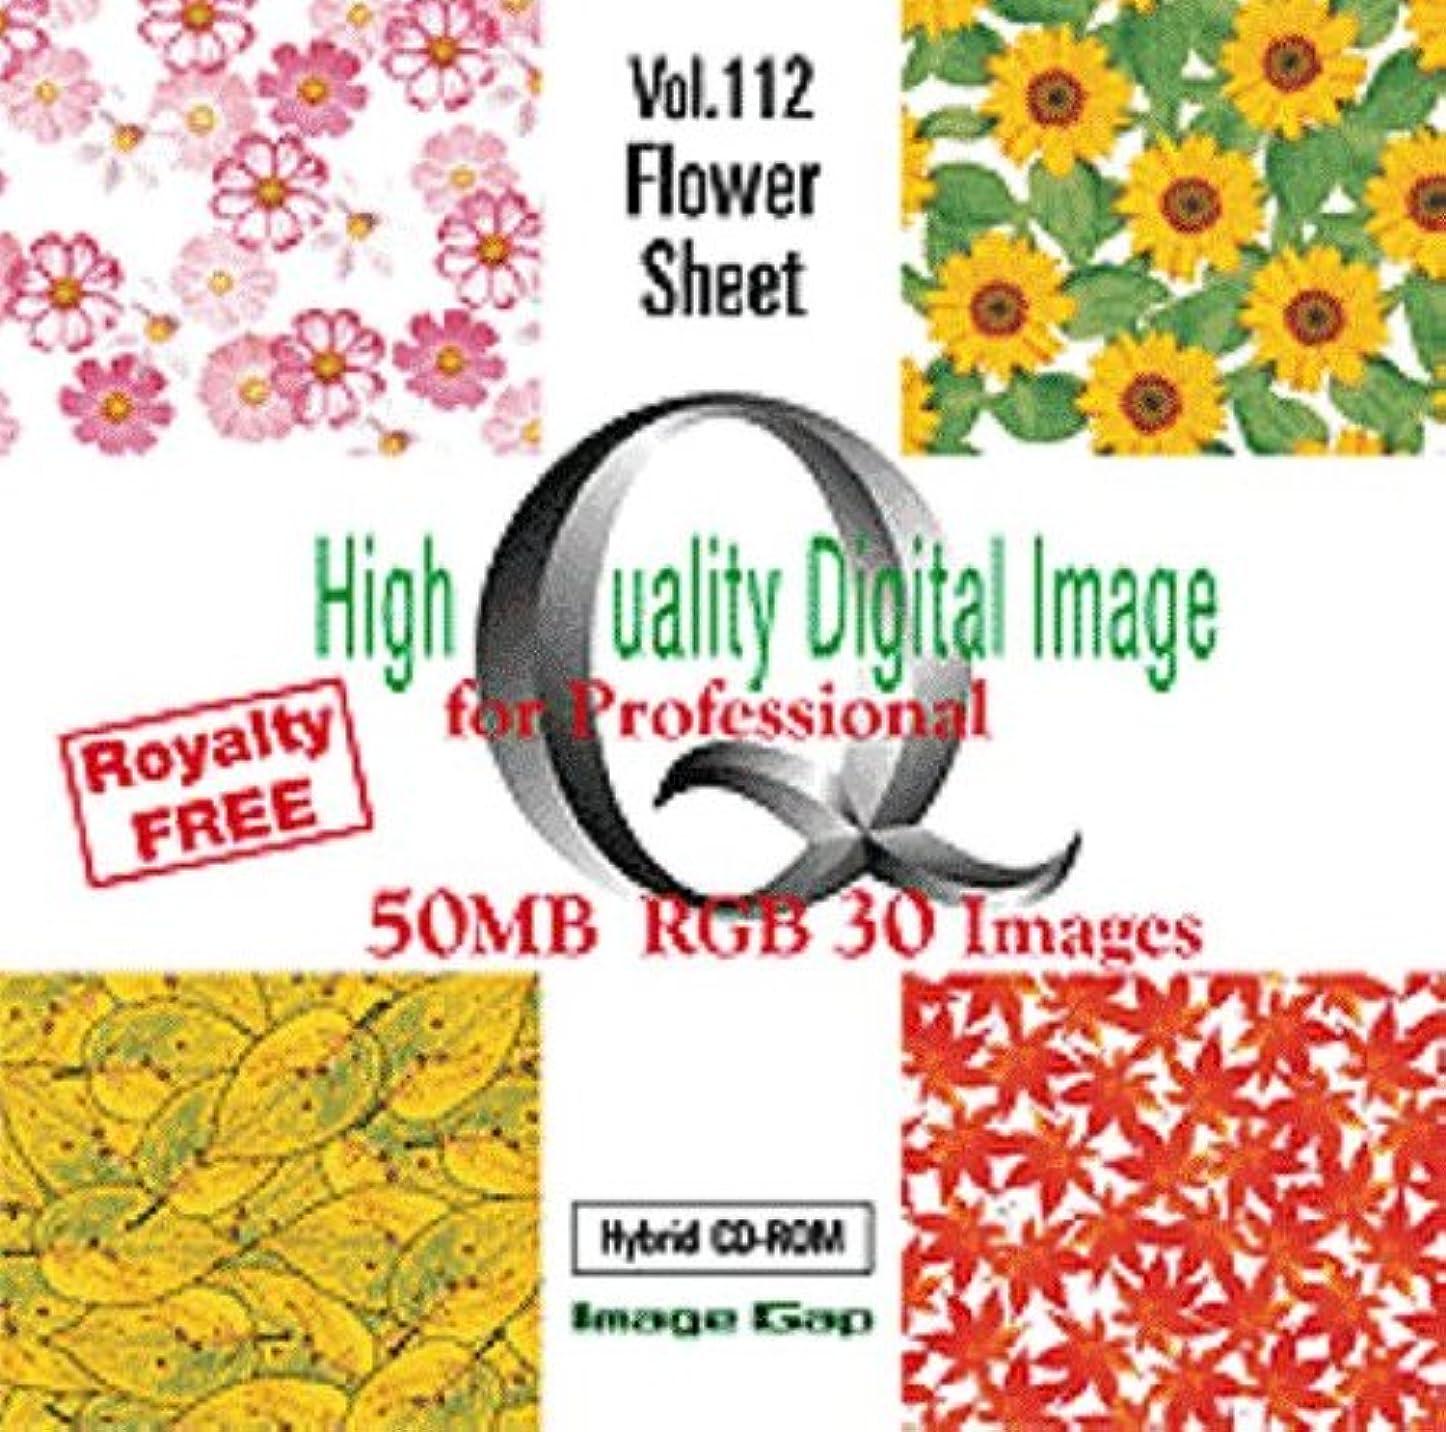 裕福な奪う余剰High Quality Digital Image for Professional Vol.112 Flower Sheet